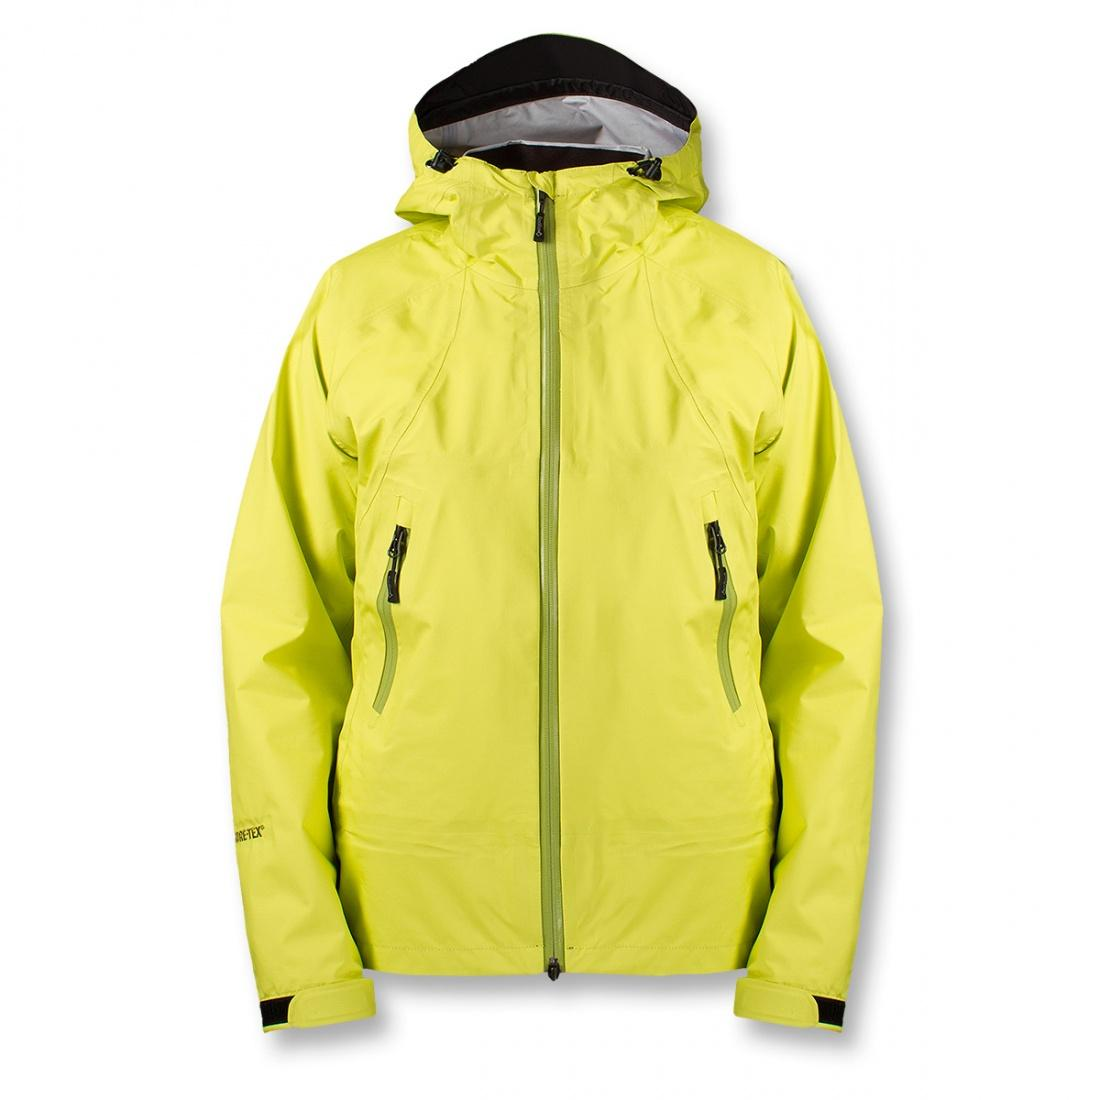 Куртка ветрозащитная Vega GTX II ЖенскаяКуртки<br>Женская штормовая куртка из материала GORE-TEX®<br> <br><br>ОСНОВНОЕ НАЗНАЧЕНИЕ: горные походы, треккинг<br>ПОСАДКА: Alpine Fit<br>МАТЕРИАЛ: GORE-TEX® Products 3-Layer, 3L lamination, 100%Nylon with PTFE membrane, plain weave, 3...<br><br>Цвет: Оттенок желтого<br>Размер: 42